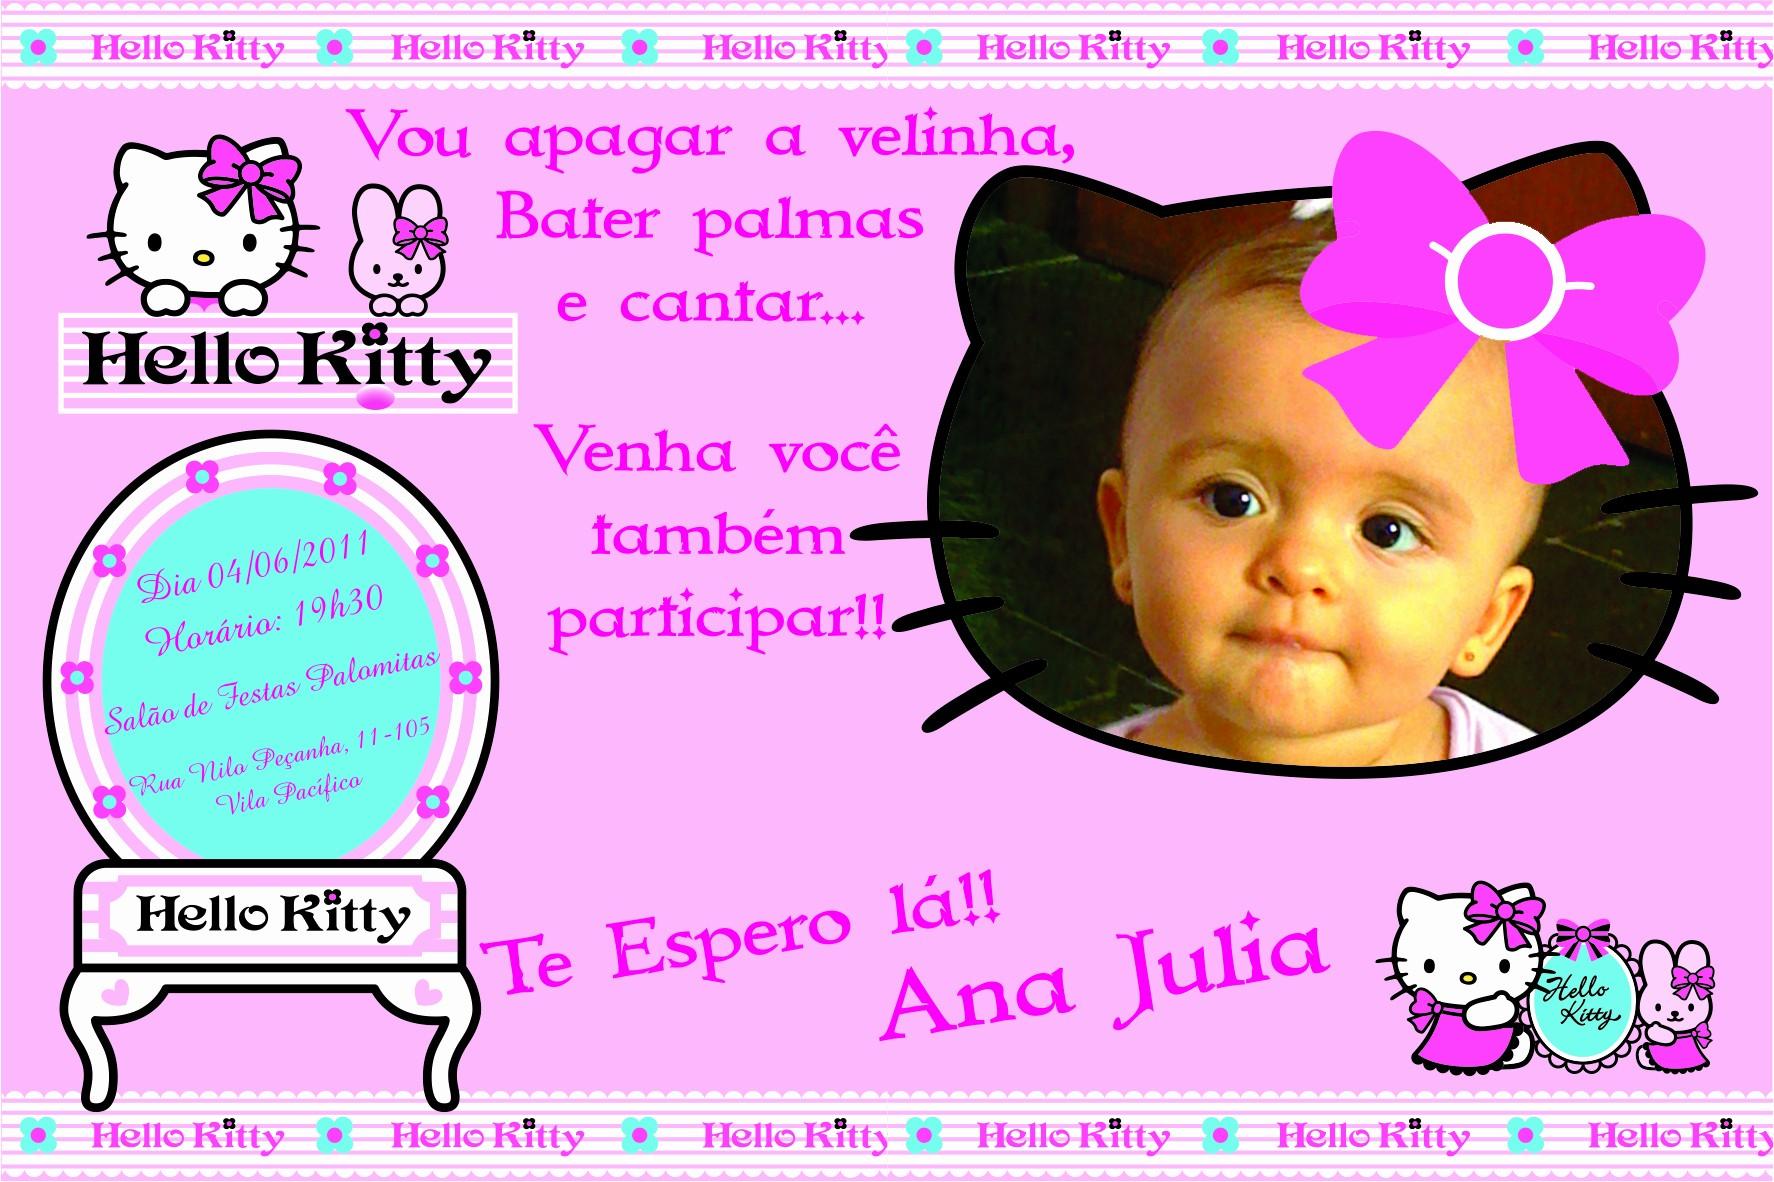 Moldes Para Convites De Aniversario Awesome Convite De Aniversário Mimos Da Hello Kitty